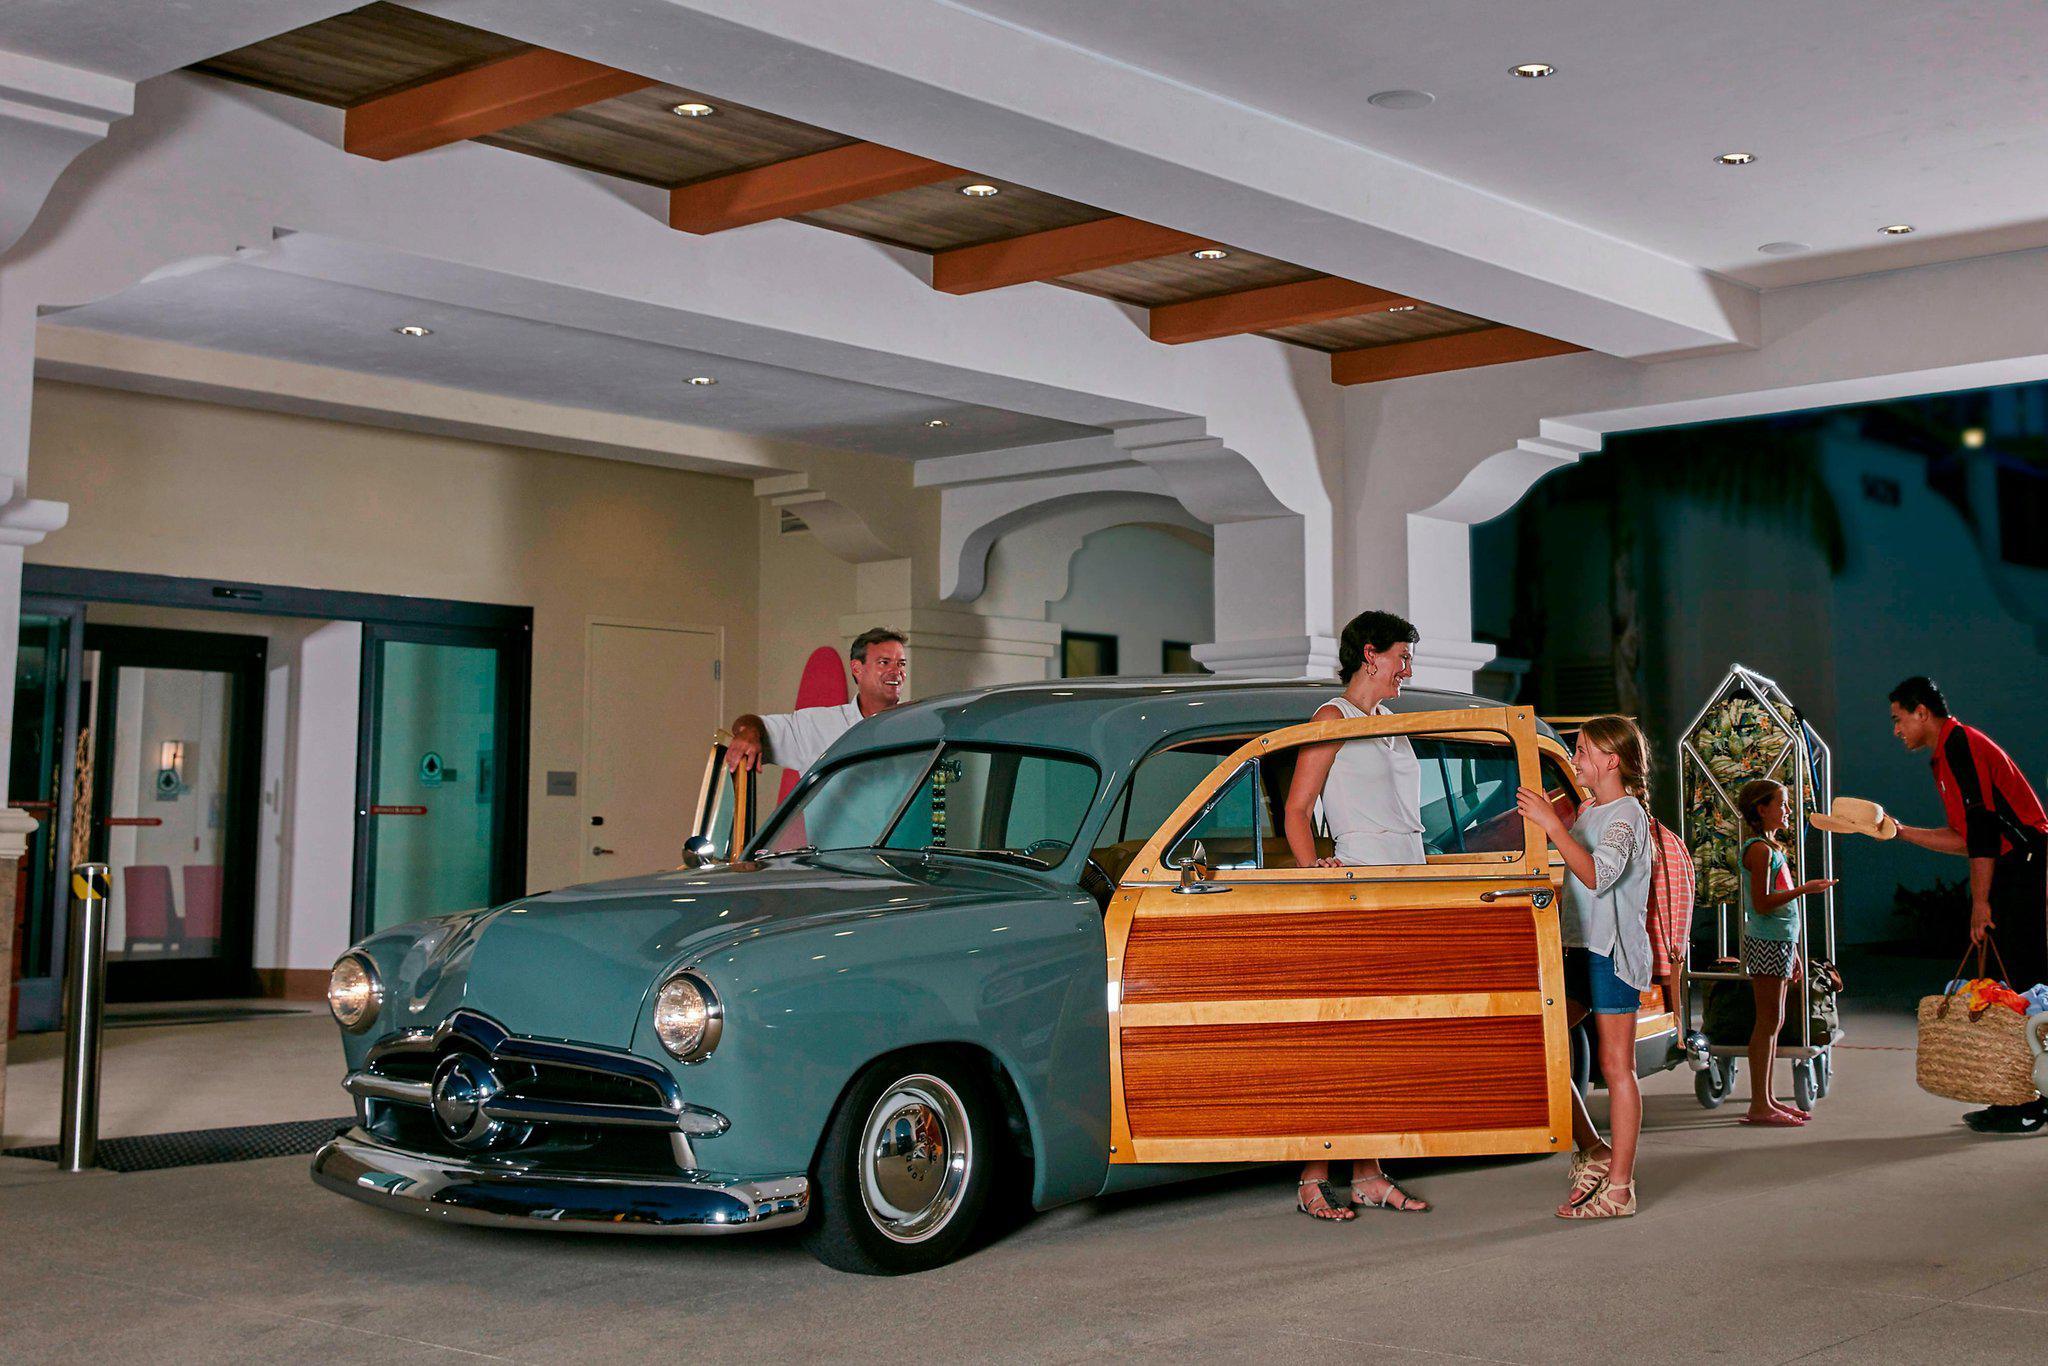 Courtyard by Marriott Anaheim Theme Park Entrance